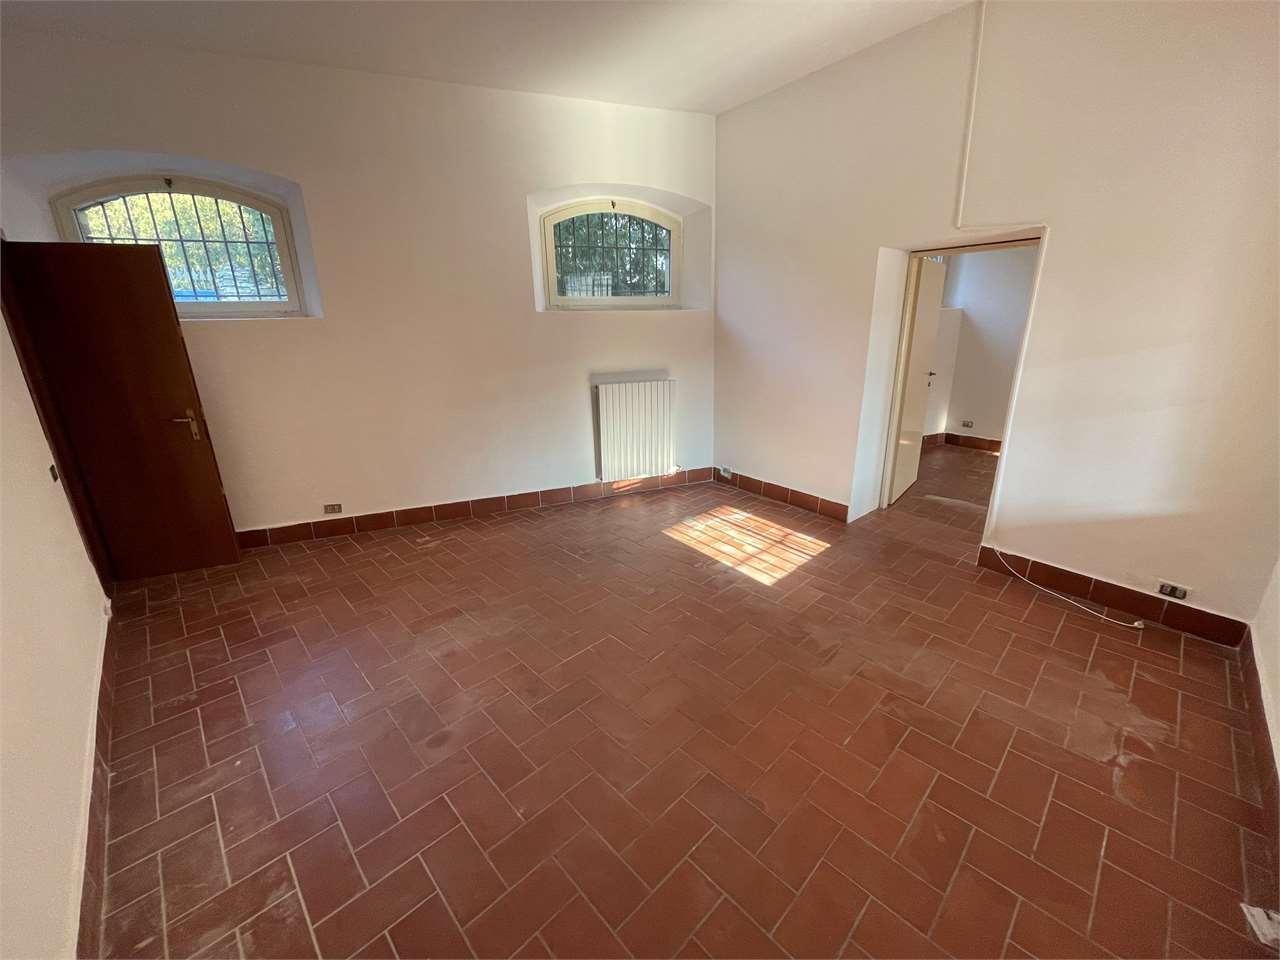 Ufficio / Studio in affitto a Collebeato, 2 locali, prezzo € 400 | CambioCasa.it